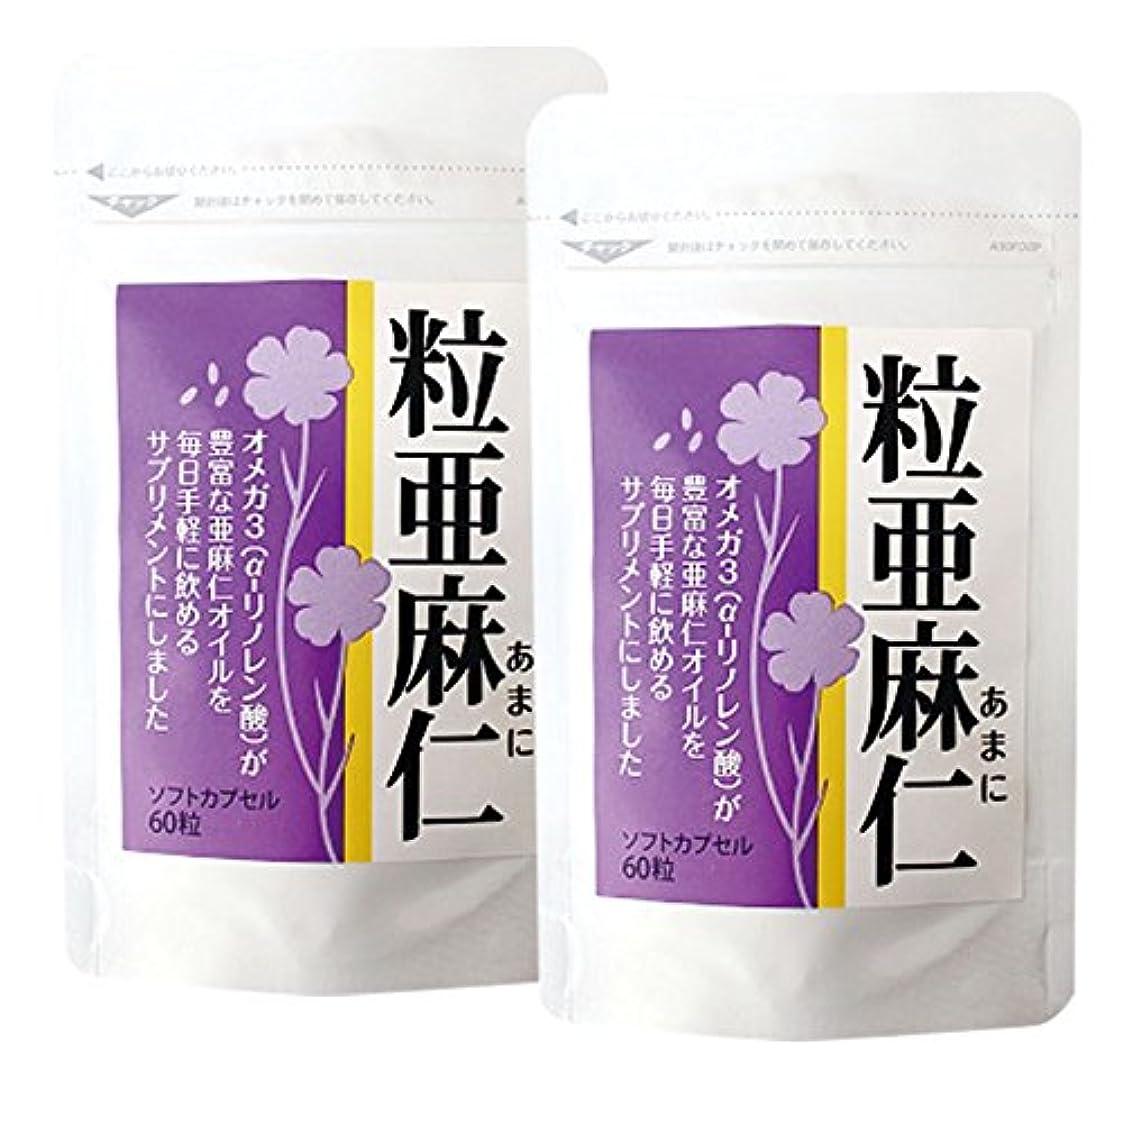 鮫消毒するシニス粒亜麻仁(60粒)×2袋セット